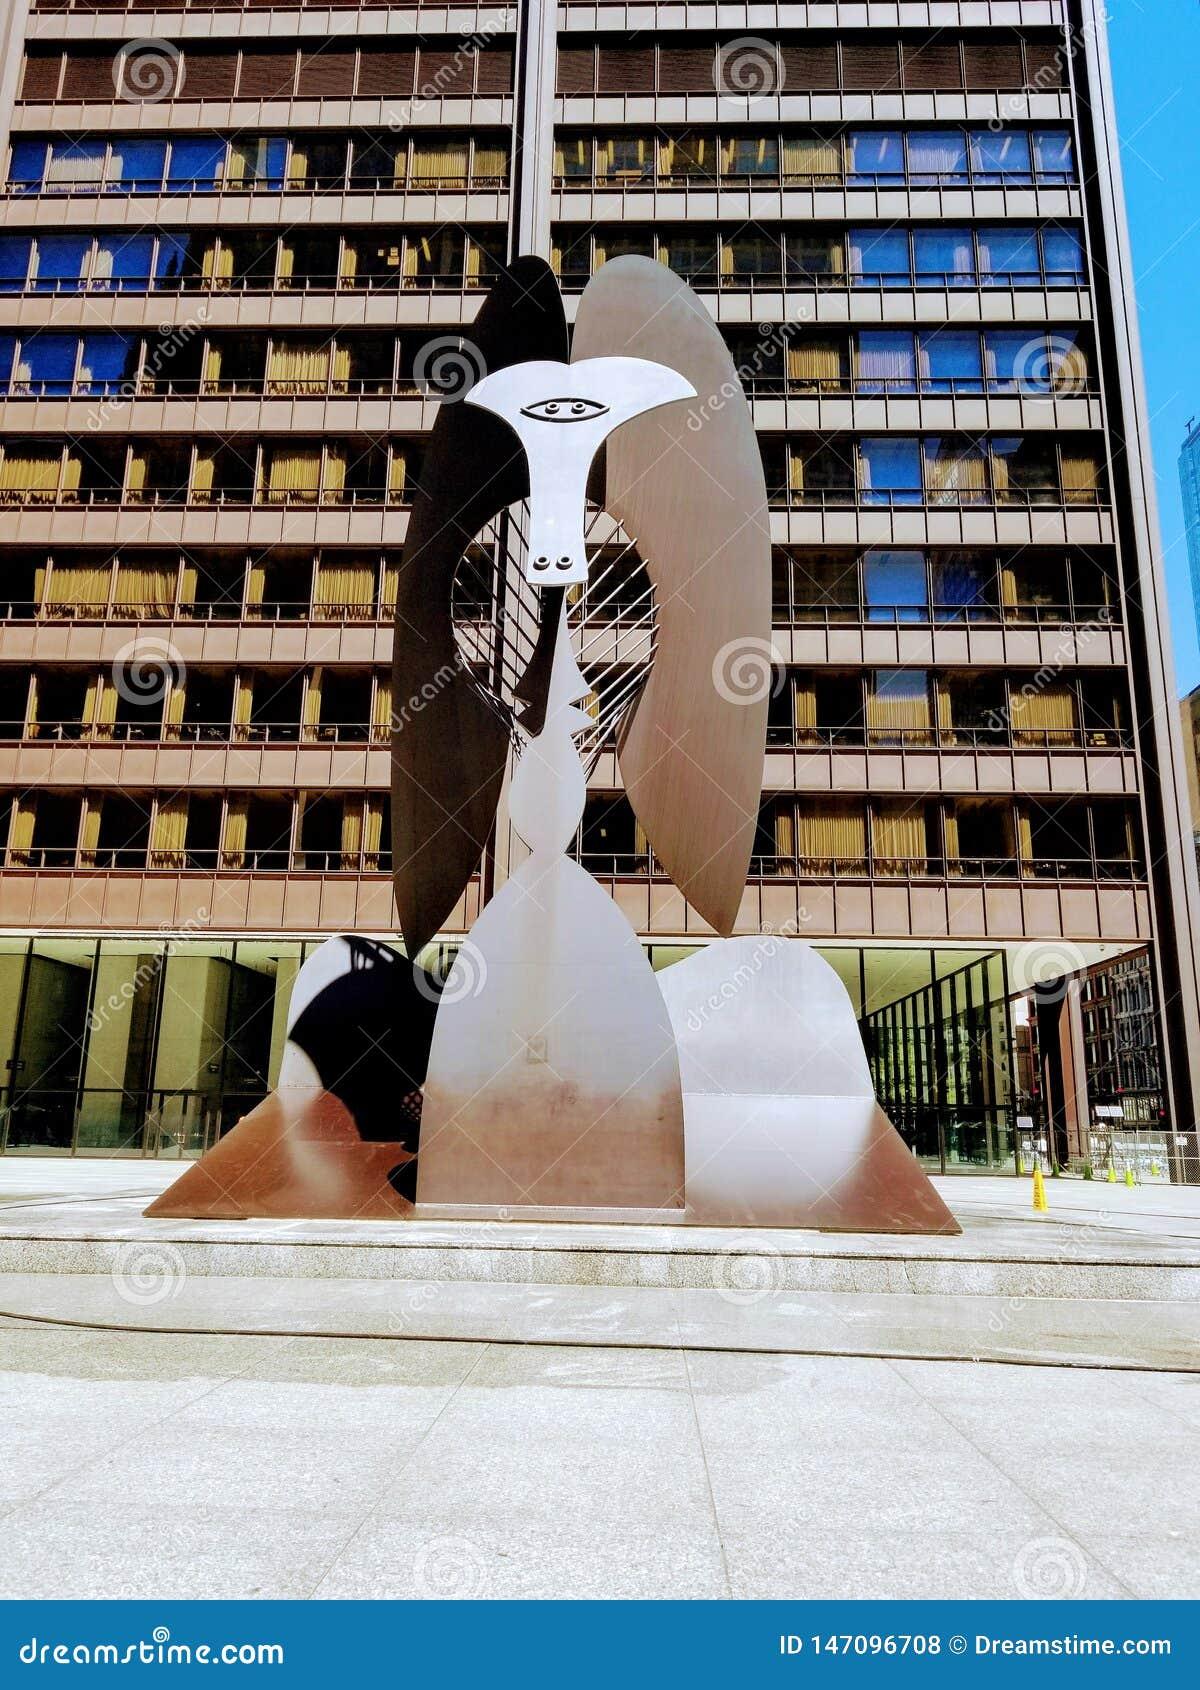 Paseo arquitect?nico en la ciudad de Chicago los E.E.U.U.